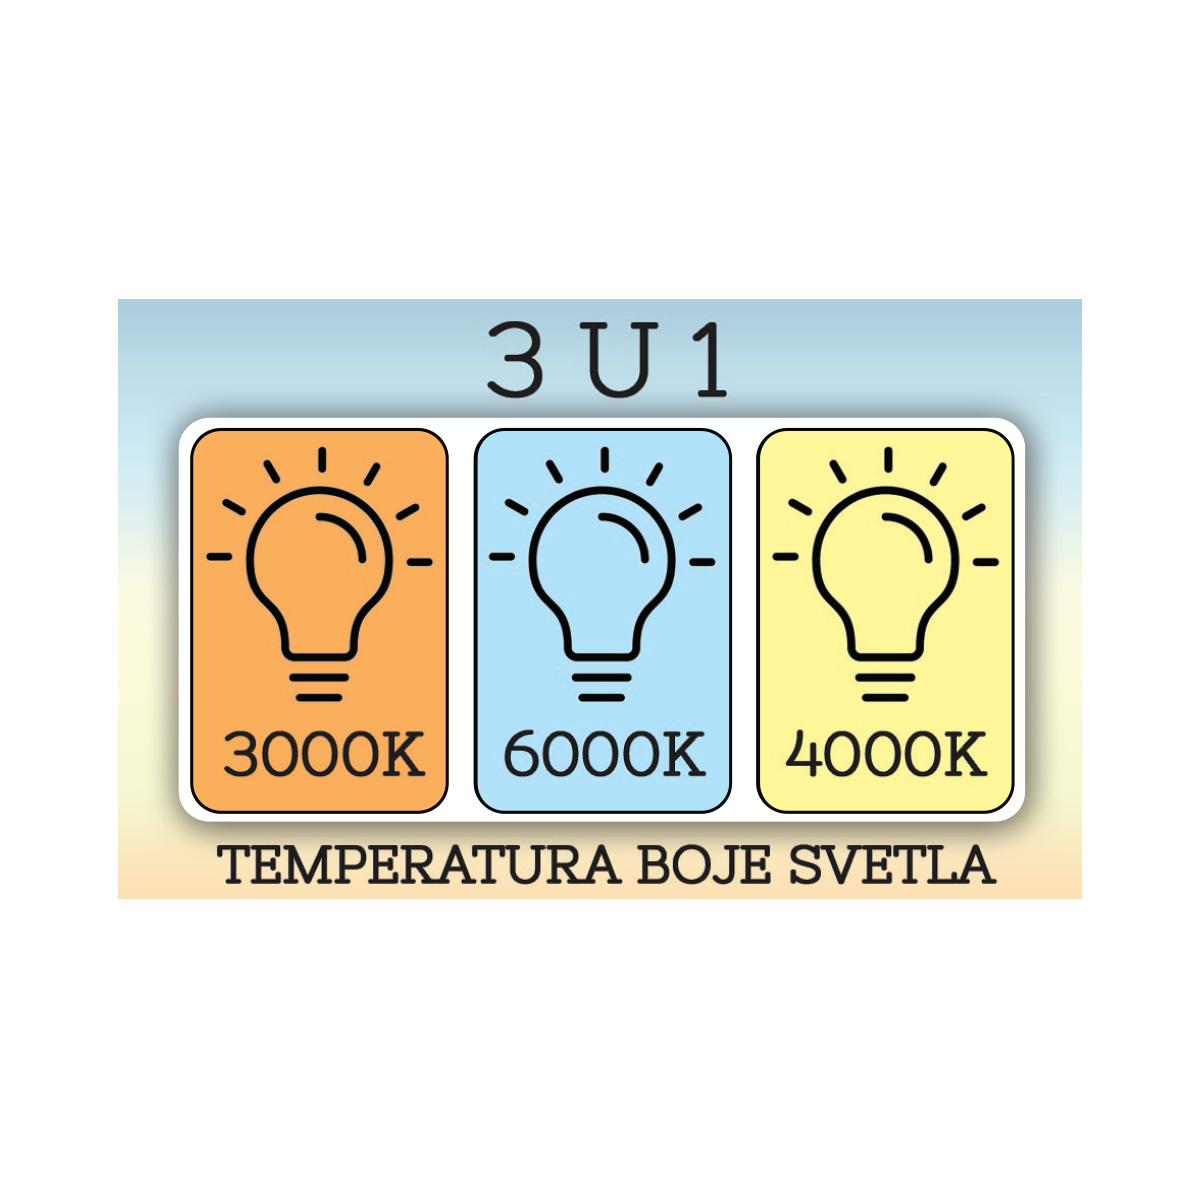 Led plafonjera 1.0150 -P470